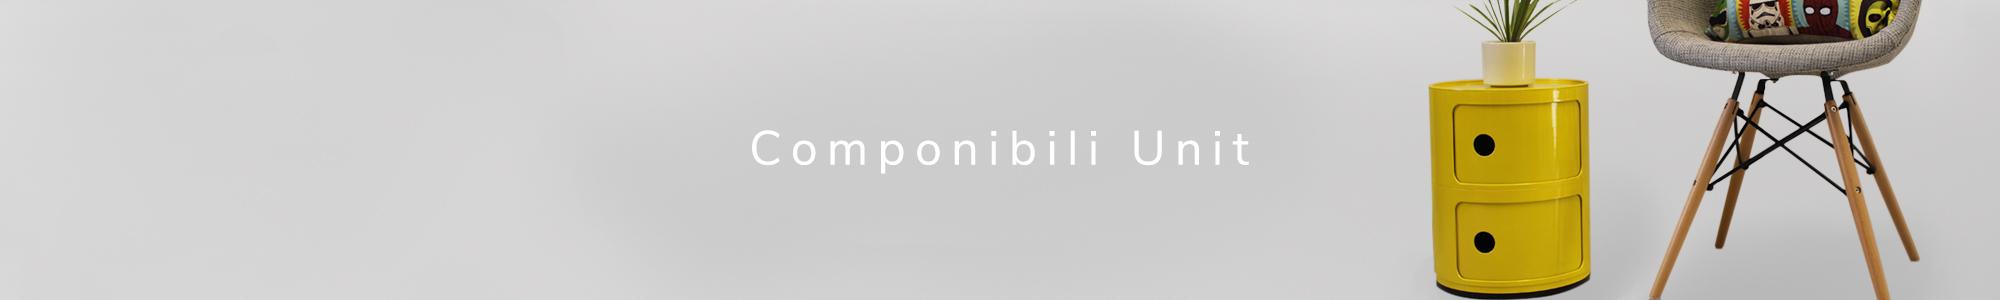 Componibili Units